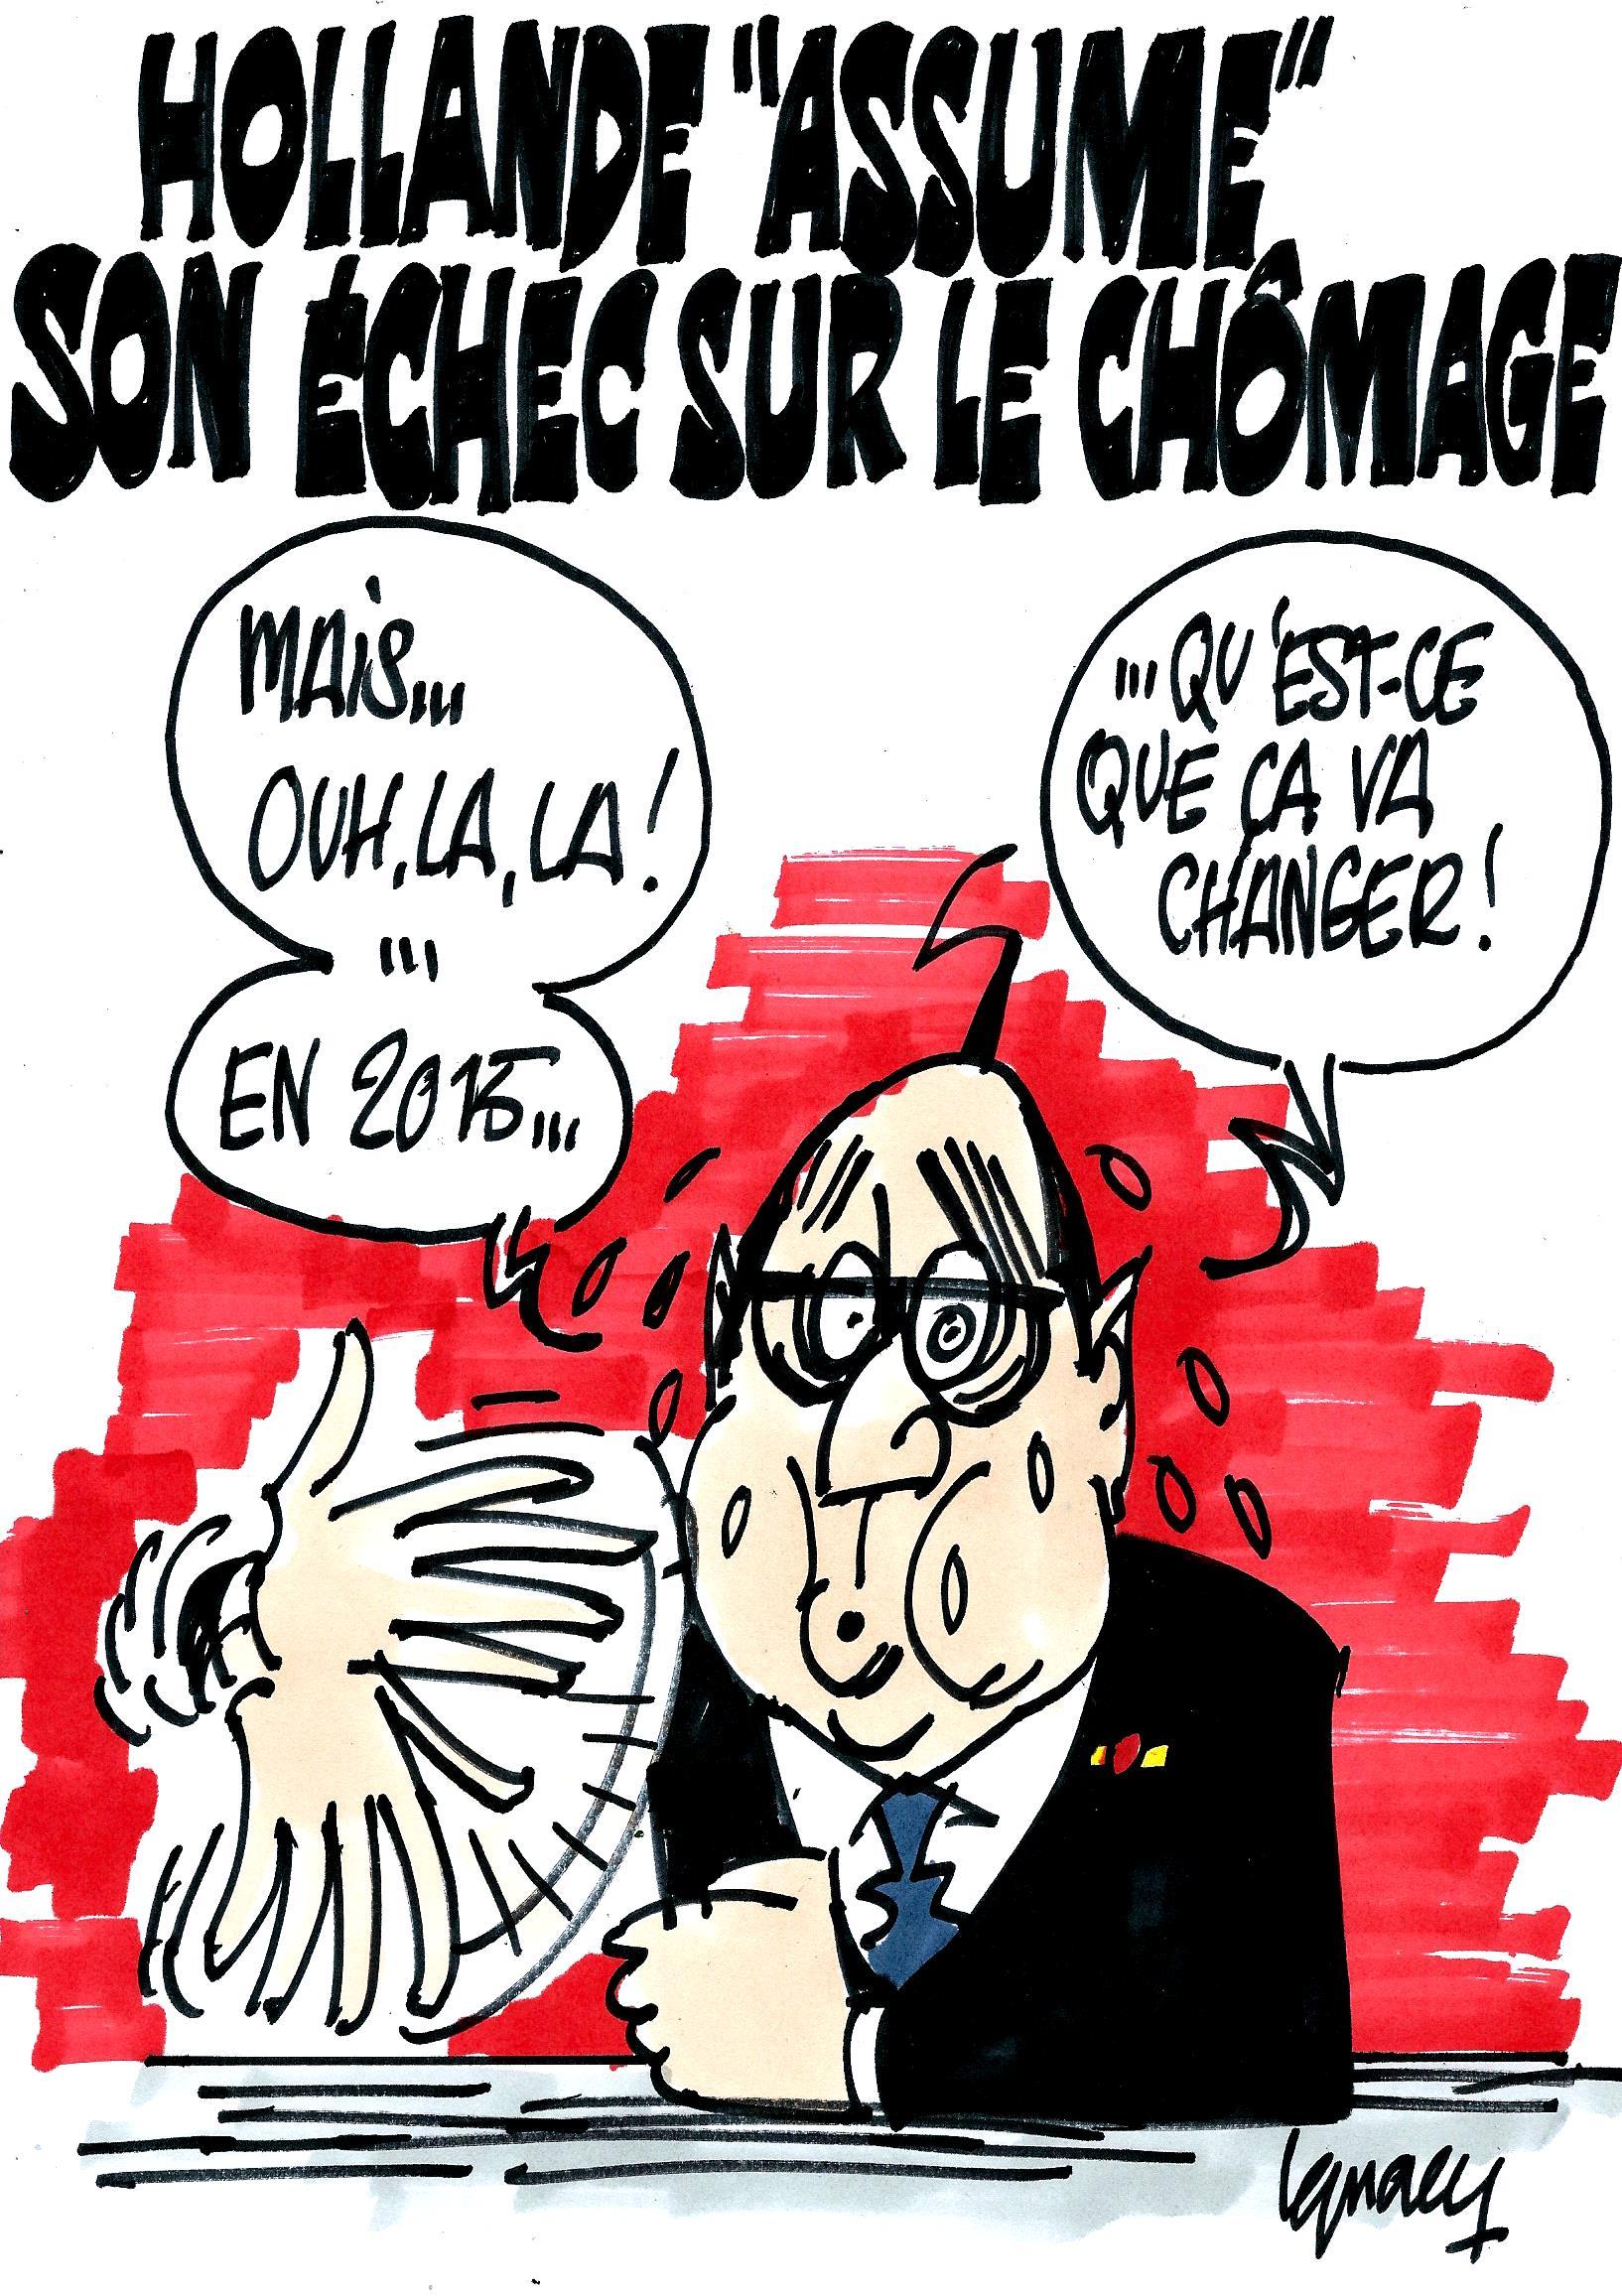 Ignace - Hollande